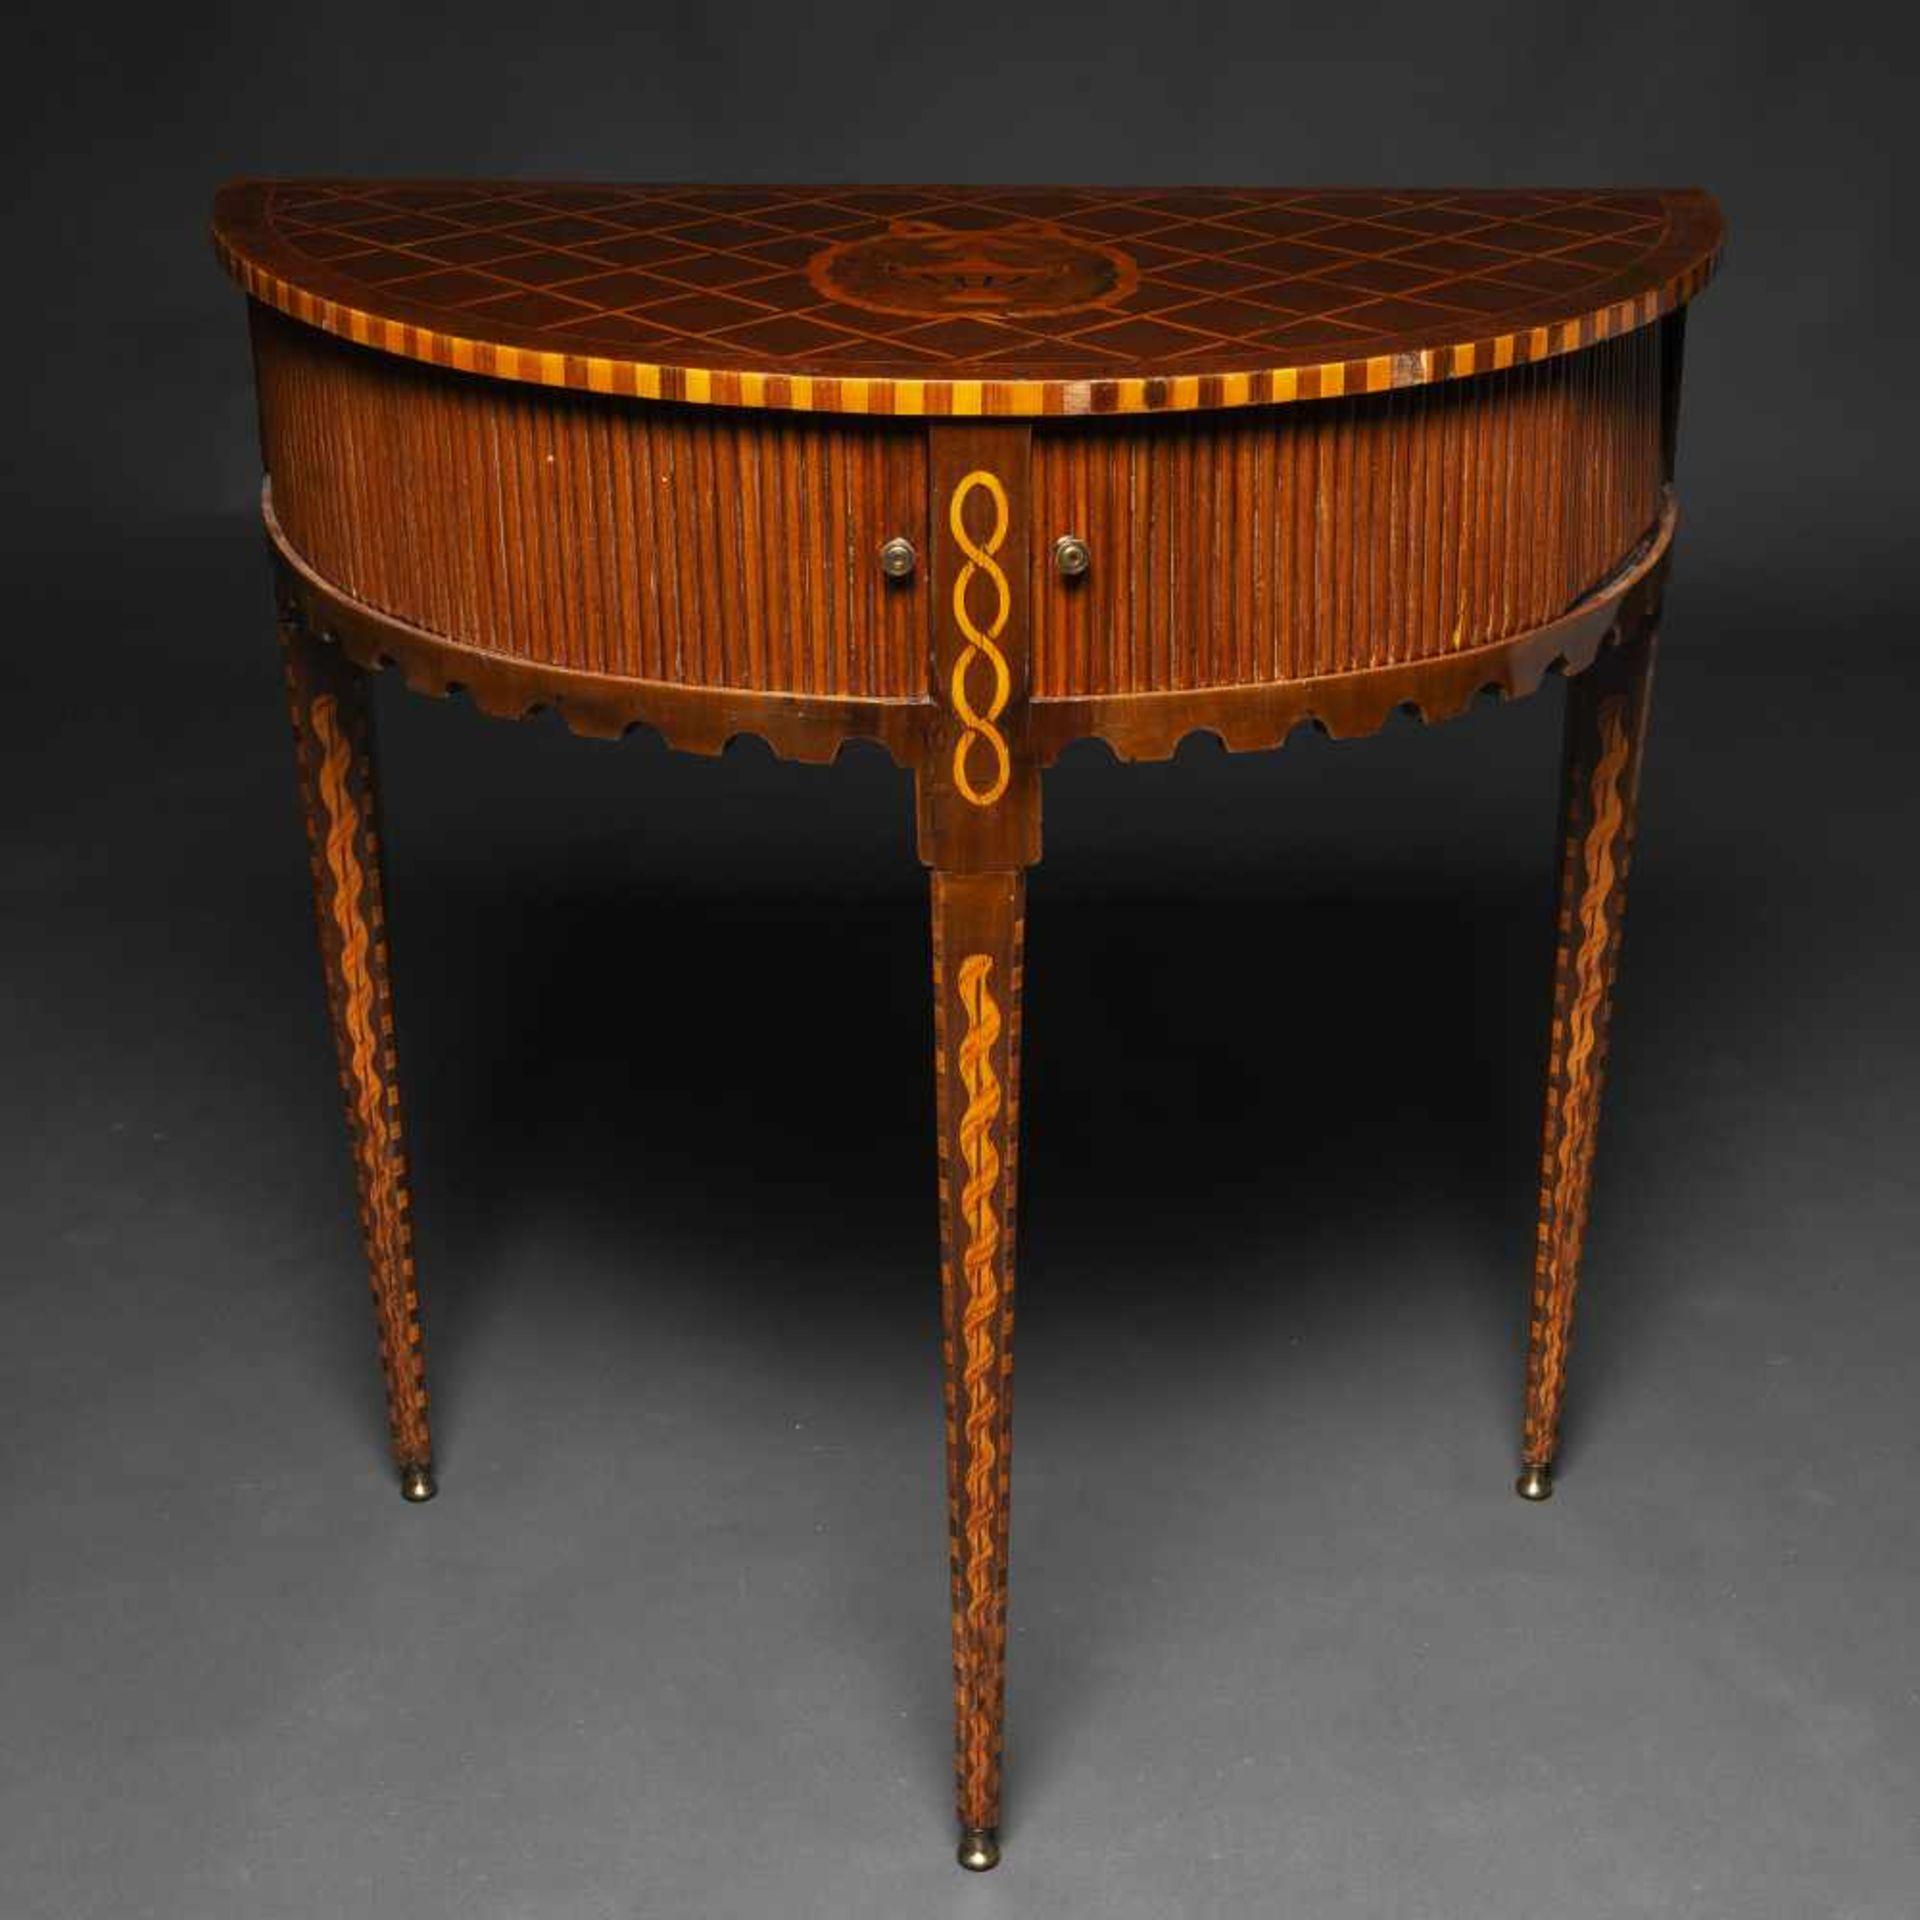 Los 11 - Mueble de persiana cilíndrico época Neoclásica en madera de caoba con marquetería. Siglo...